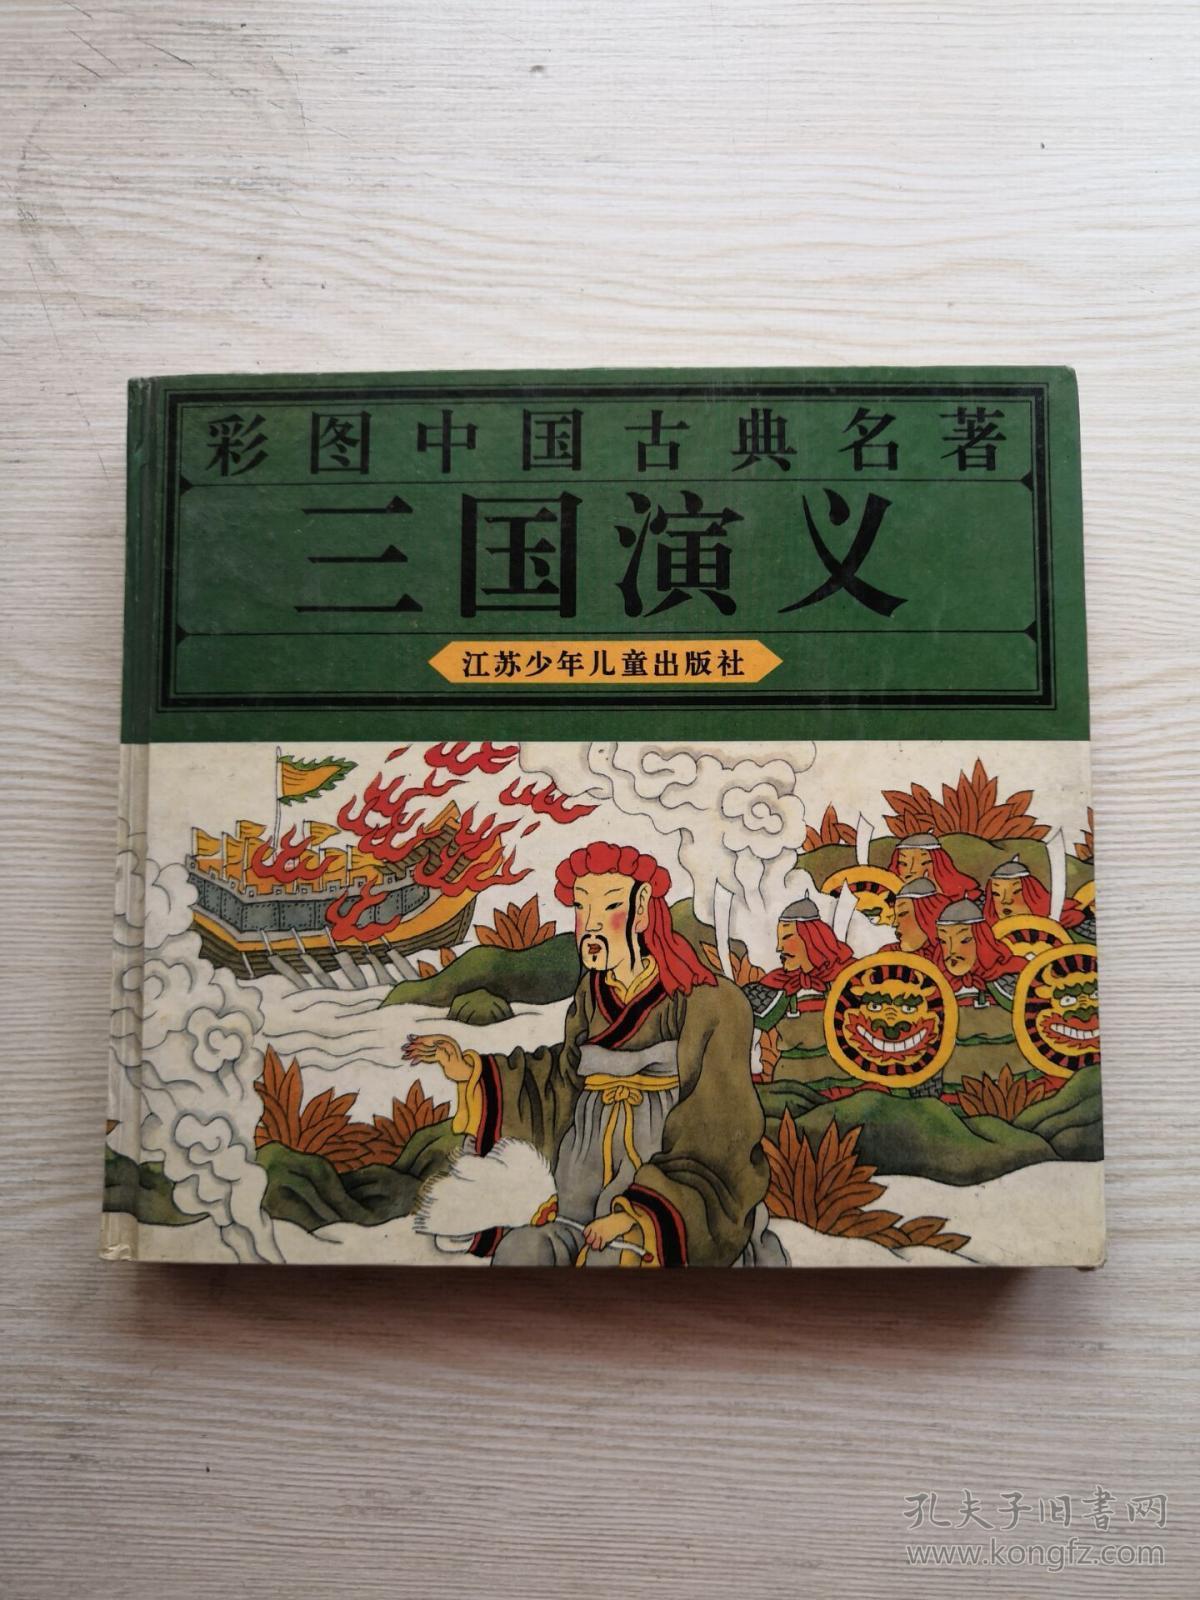 彩图中国古典名著三国演义_徐海欧等绘画_孔夫子旧书网